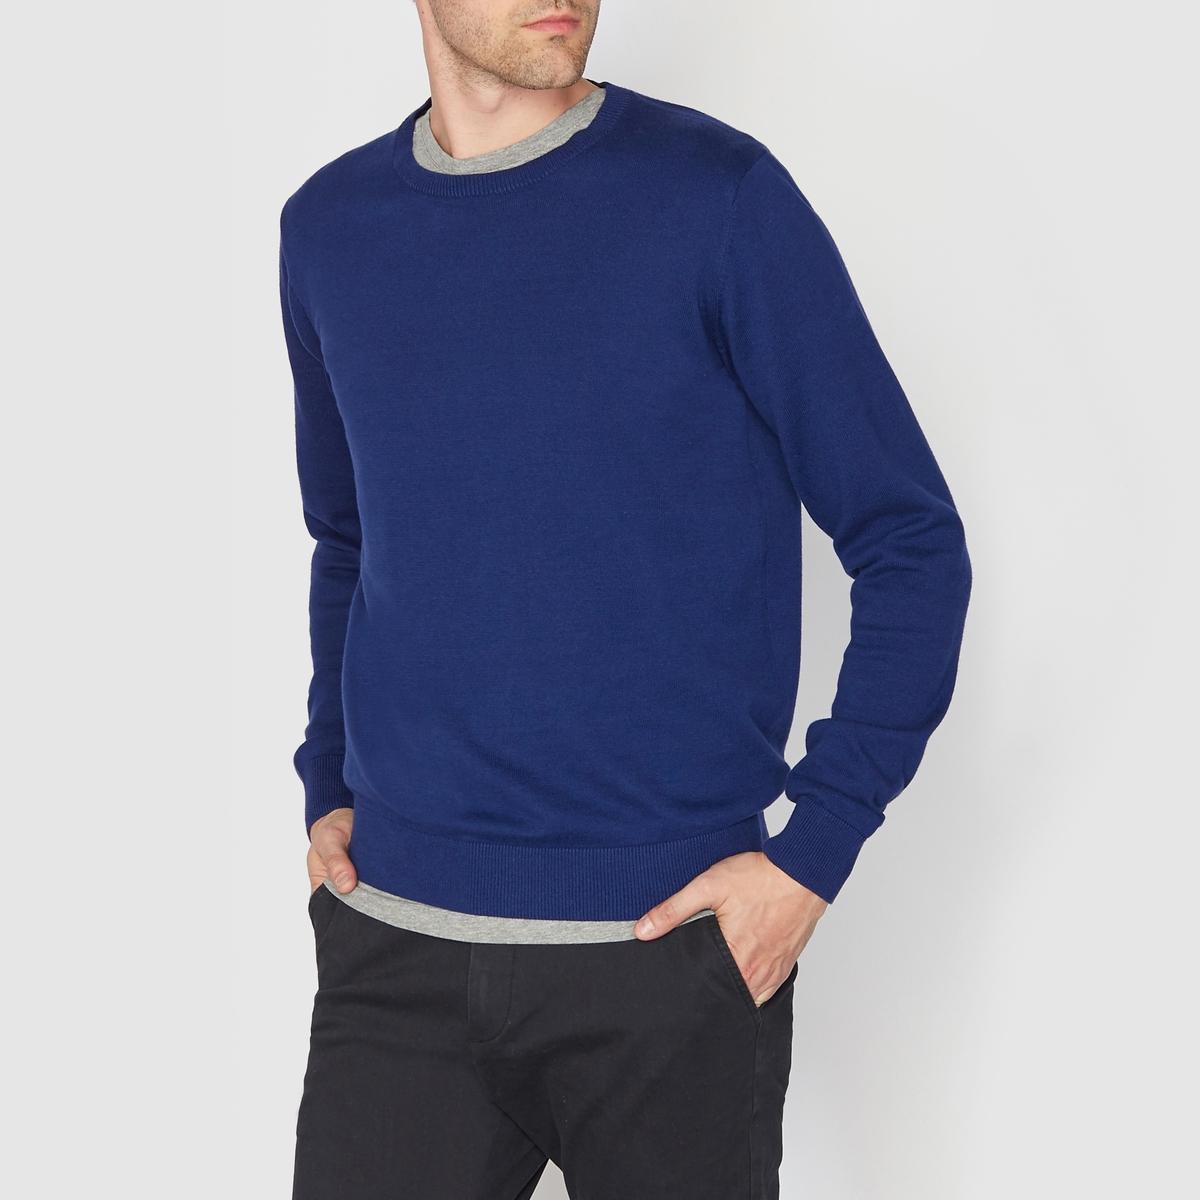 Пуловер с круглым вырезом 100% хлопкаСостав и описание :Материал : 100% хлопкаМарка : R essentiel.<br><br>Цвет: сине-зеленый меланж,темно-бежевый,ярко-синий<br>Размер: 3XL.3XL.XXL